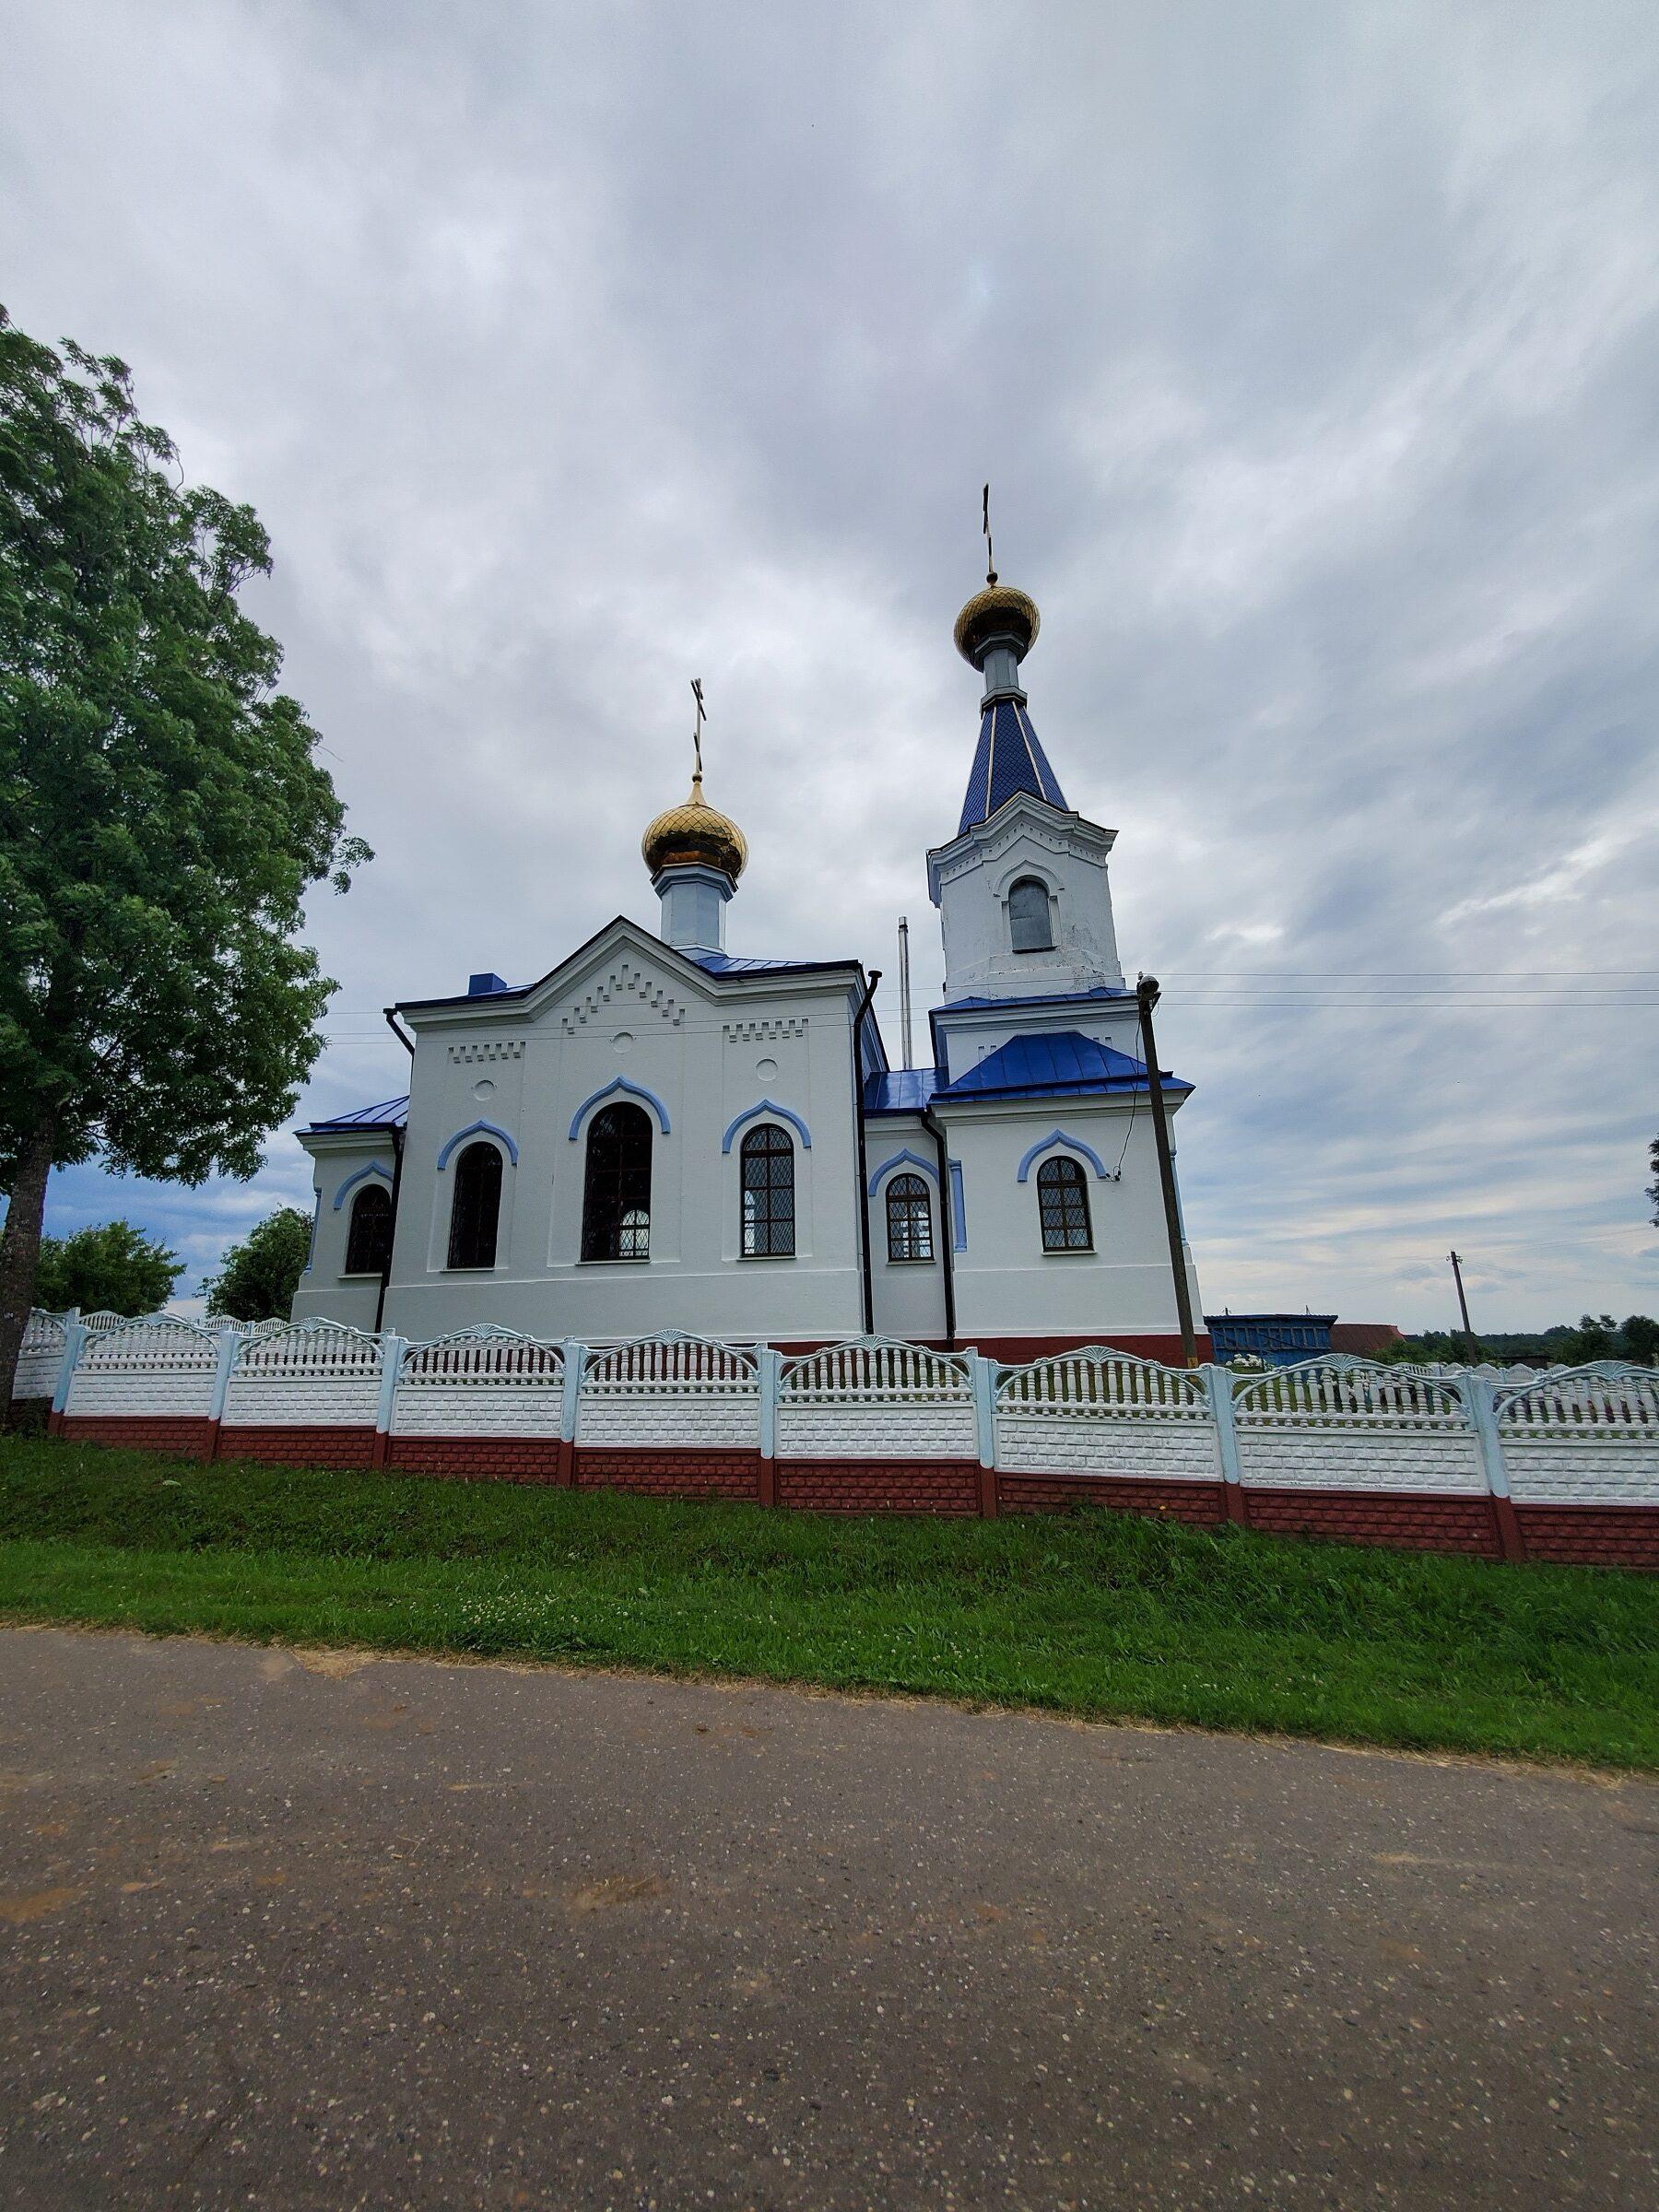 20200705 125132 rotated - Церковь Святых Апостолов Петра и Павла в Прозороках